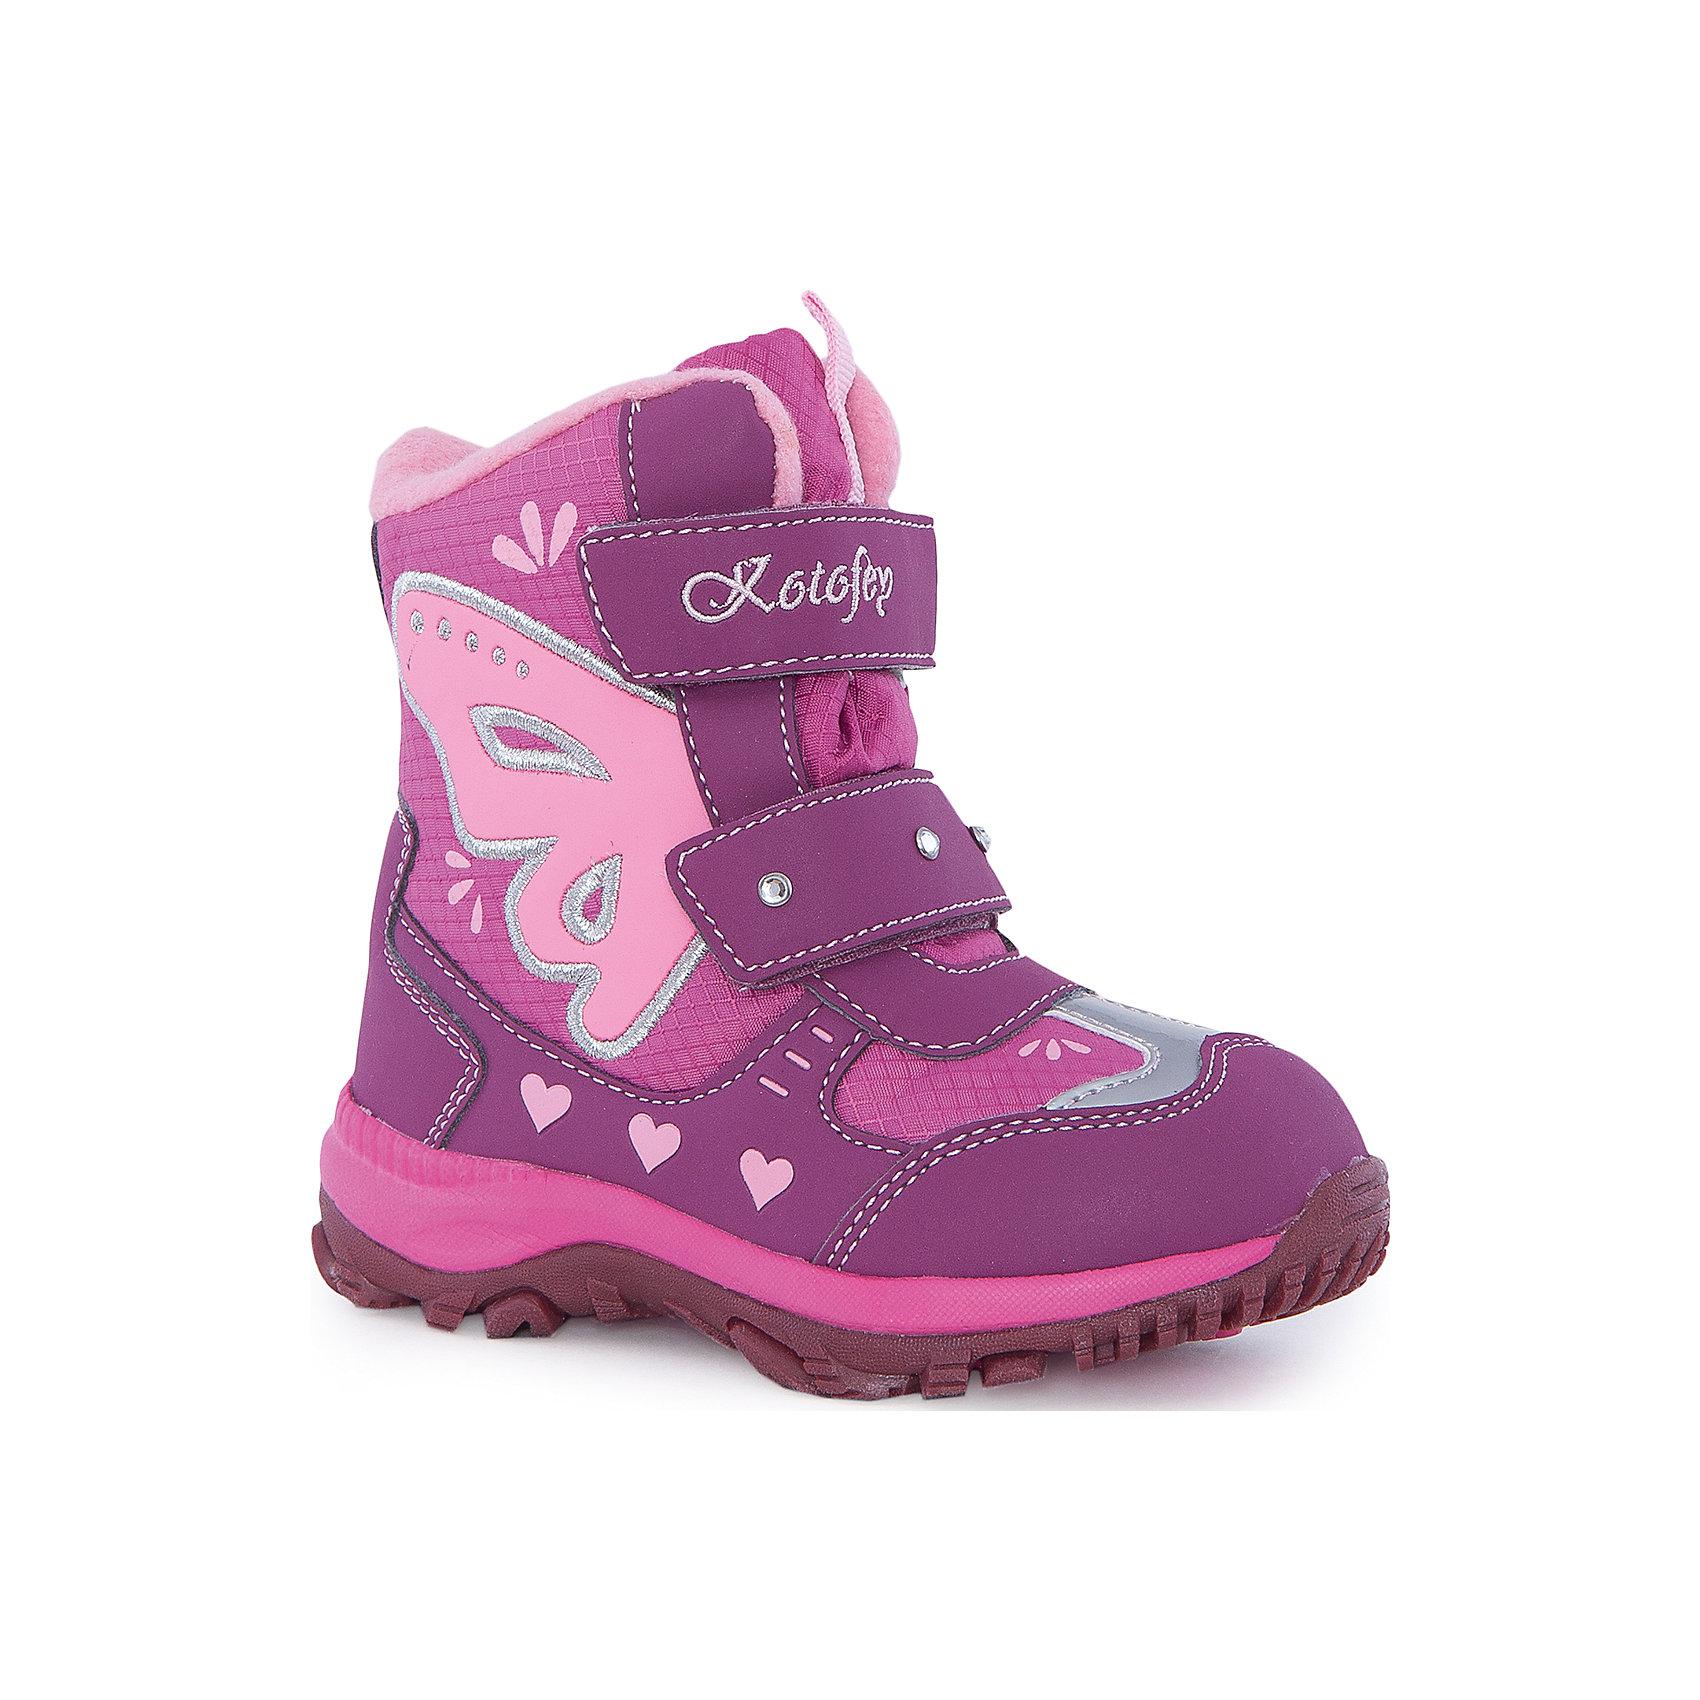 Ботинки  для девочки КотофейБотинки<br>Ботинки  для девочки Котофей.<br><br>Характеристики:<br><br>- Внешний материал: искусственная кожа, текстиль<br>- Внутренний материал: мех шерстяной<br>- Стелька: войлок<br>- Подошва: филон, ТЭП<br>- Тип застежки: липучки<br>- Вид крепления обуви: клеевой<br>- Цвет: фуксия, розовый<br>- Сезон: зима<br>- Температурный режим: от +5 до -15 градусов<br>- Пол: для девочек<br><br>Ботинки торговой марки Котофей понравится абсолютно всем девочкам! Они особенно хороши для активных прогулок. Верх выполнен из влагоотталкивающего текстиля и кожи. Подкладка - из натуральной шерсти, имеется дополнительная стелька из войлока, поэтому ножке в такой обуви тепло и уютно. Между материалами верха и подклада вшит специальный мембранный материал, отталкивающий влагу, но позволяющий ногам дышать. Гибкая, широкая, клеевая подошва с рельефным протектором обеспечит превосходное сцепление с поверхностью. Снижение ударной нагрузки и повышенную устойчивость обеспечивает в подошве слой из материала филон, который часто используется в спортивной обуви. Вторая часть подошвы из термоэластопласта (ТЭП) – пластичного материала, отлично амортизирующего при шаге, не теряющего своих свойств при понижении температур, предотвращающего скольжение. Два ремня с липучкой позволяют не только быстро обувать и снимать ботинки, но и обеспечивают плотное прилегание обуви к стопе. Детская обувь «Котофей» качественна, красива, добротна, комфортна и долговечна. Она производится на Егорьевской обувной фабрике. Жесткий контроль производства и постоянное совершенствование технологий при многолетнем опыте позволяют считать компанию одним из лидеров среди отечественных производителей детской обуви.<br><br>Ботинки  для девочки Котофей можно купить в нашем интернет-магазине.<br><br>Ширина мм: 262<br>Глубина мм: 176<br>Высота мм: 97<br>Вес г: 427<br>Цвет: разноцветный<br>Возраст от месяцев: 24<br>Возраст до месяцев: 36<br>Пол: Женский<br>Возраст: Детский<br>Размер: 26,30,27,28,29<br>SKU